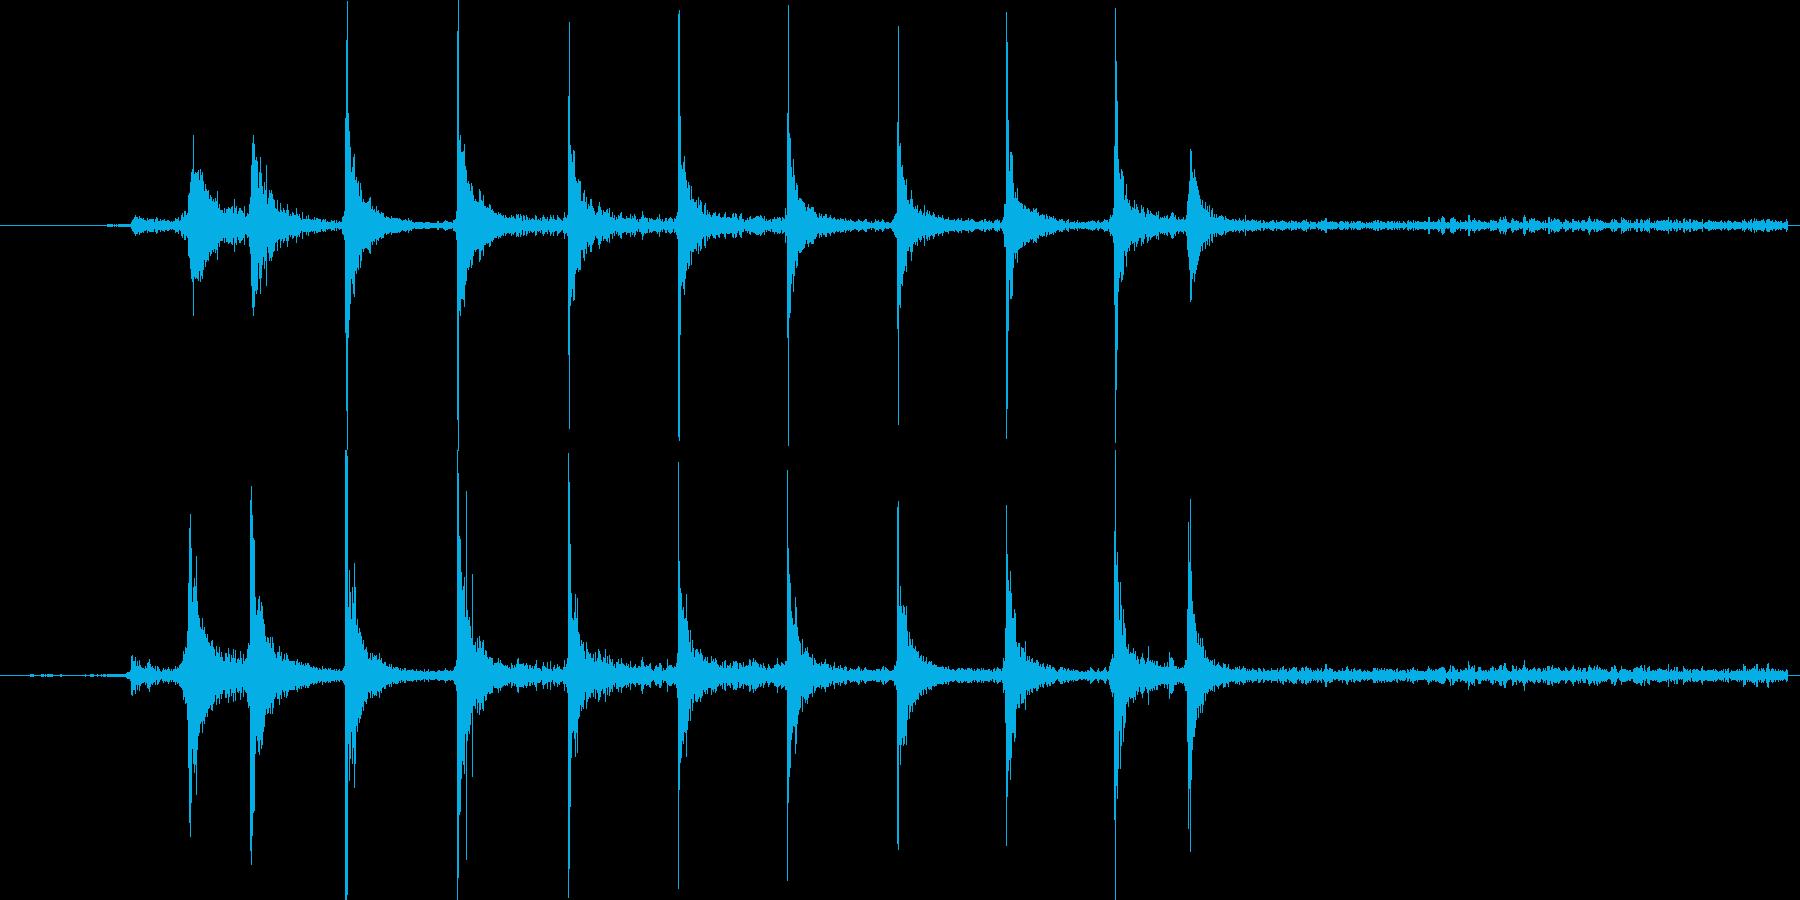 ガスコンロの着火音(音量大)の再生済みの波形